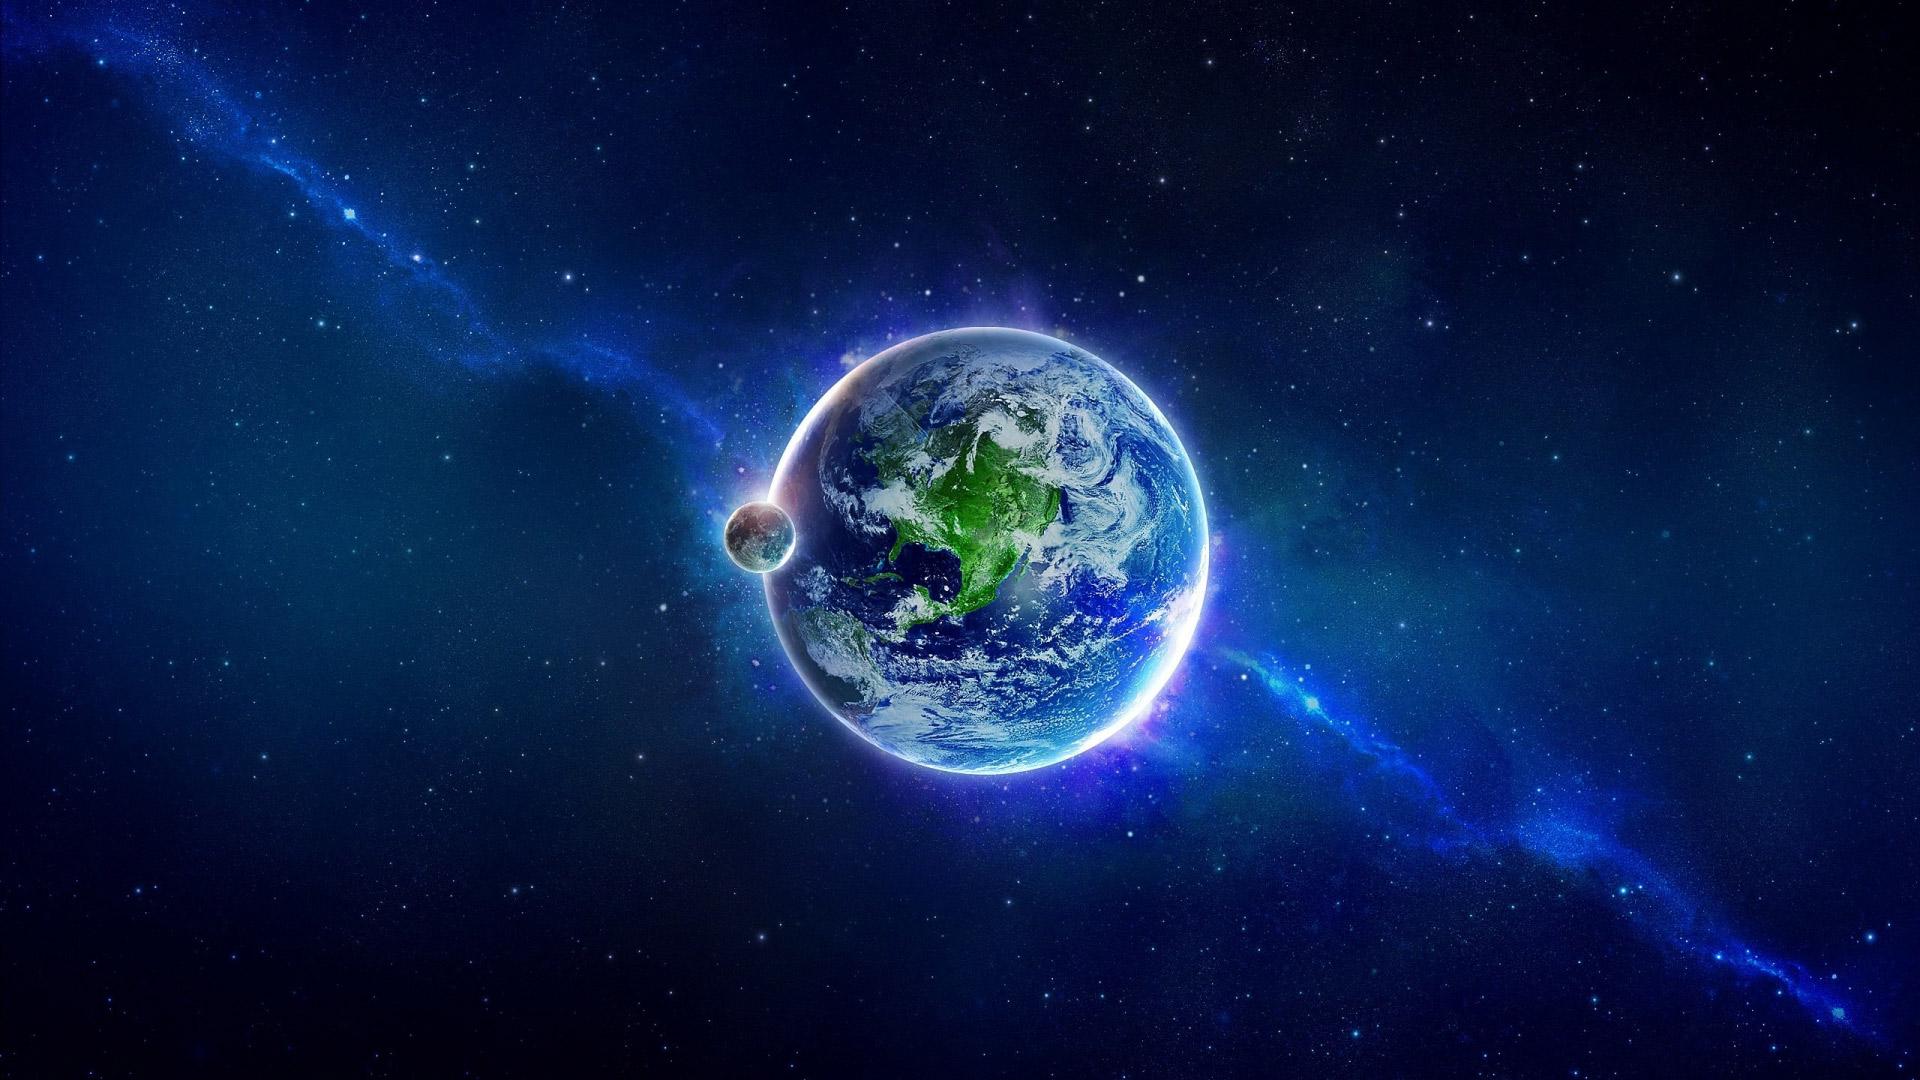 Обои космос земля для рабочего стола